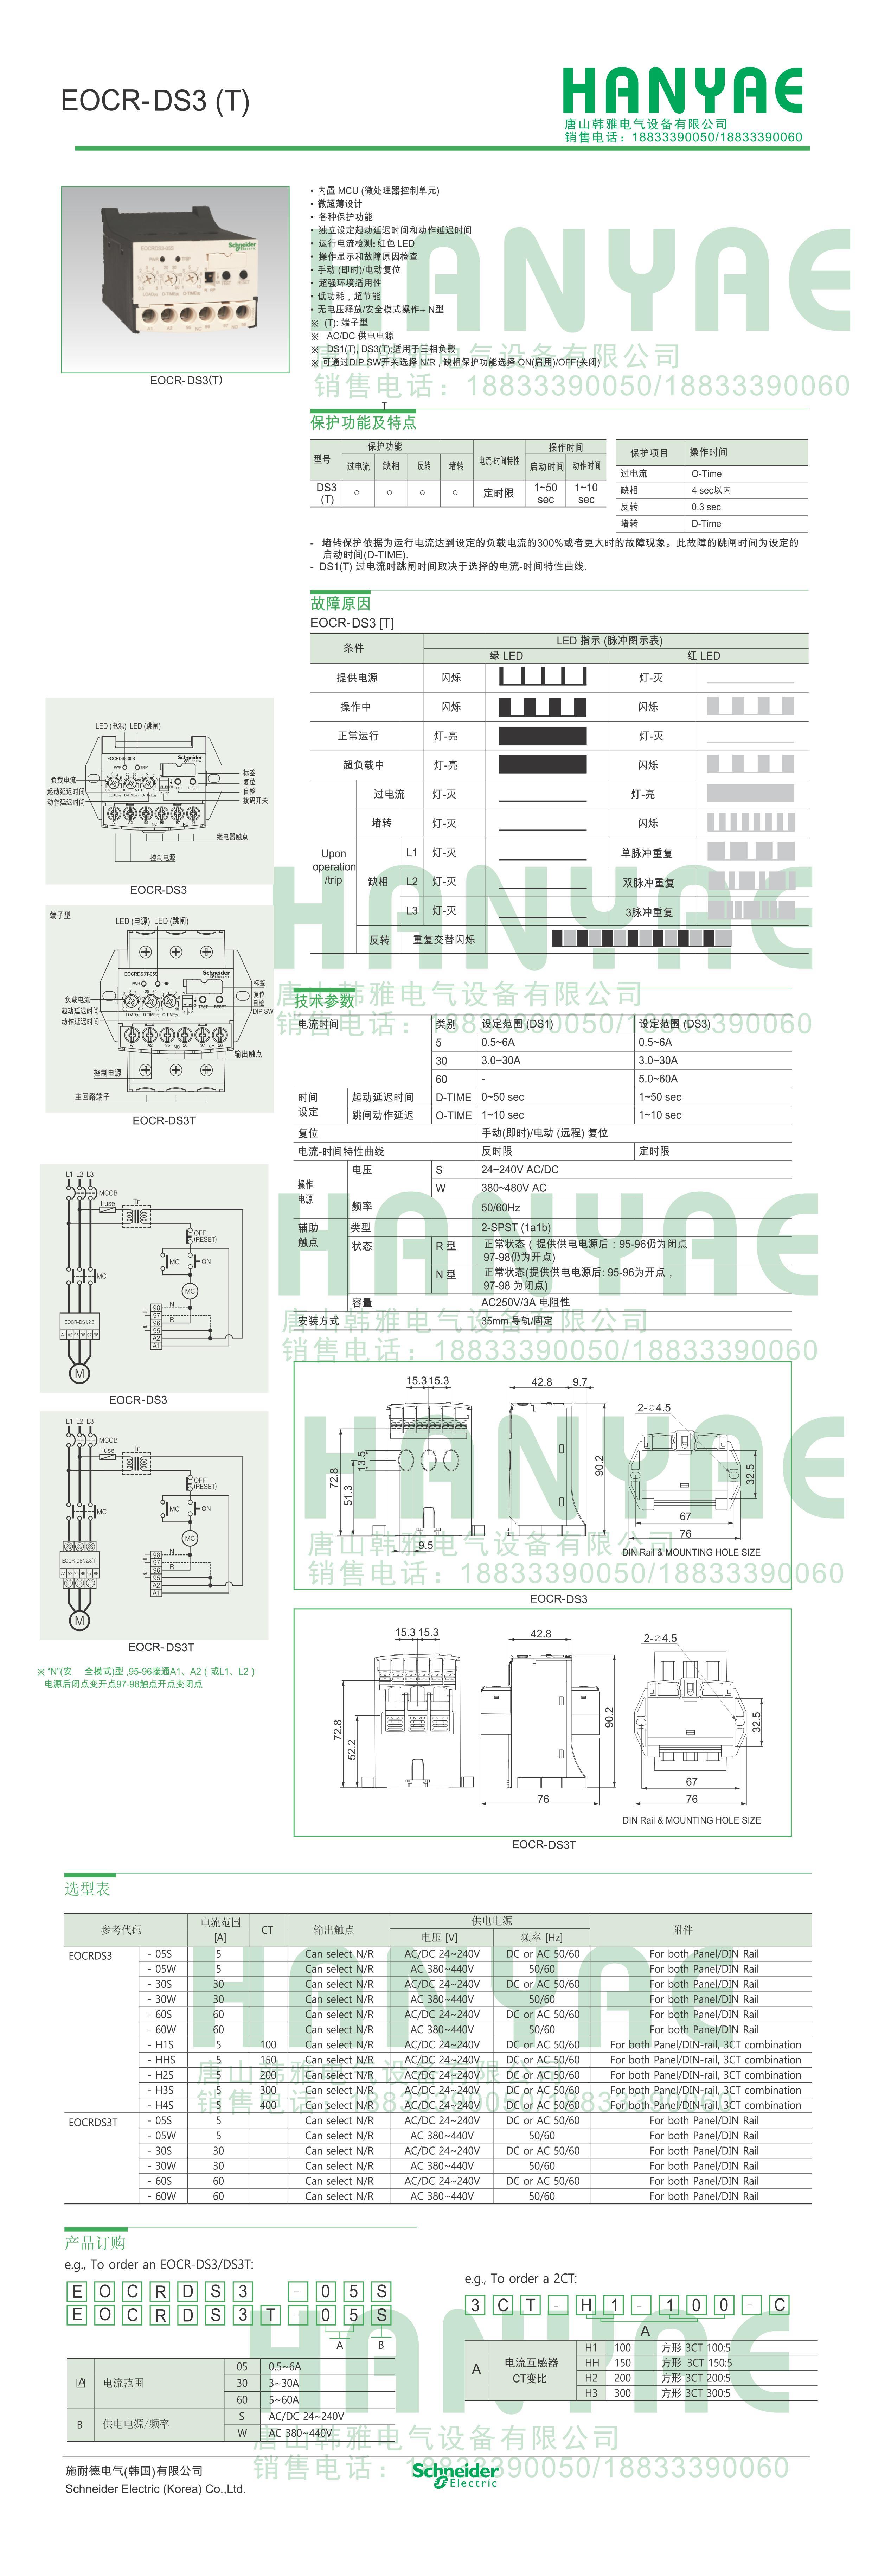 施耐德EOCR(原韩国三和)-经济型马达保护器EOCRDS3-60S 施耐德EOCR,马达保护器,电子式继电器,韩国三和SAMWHA,韩国施耐德